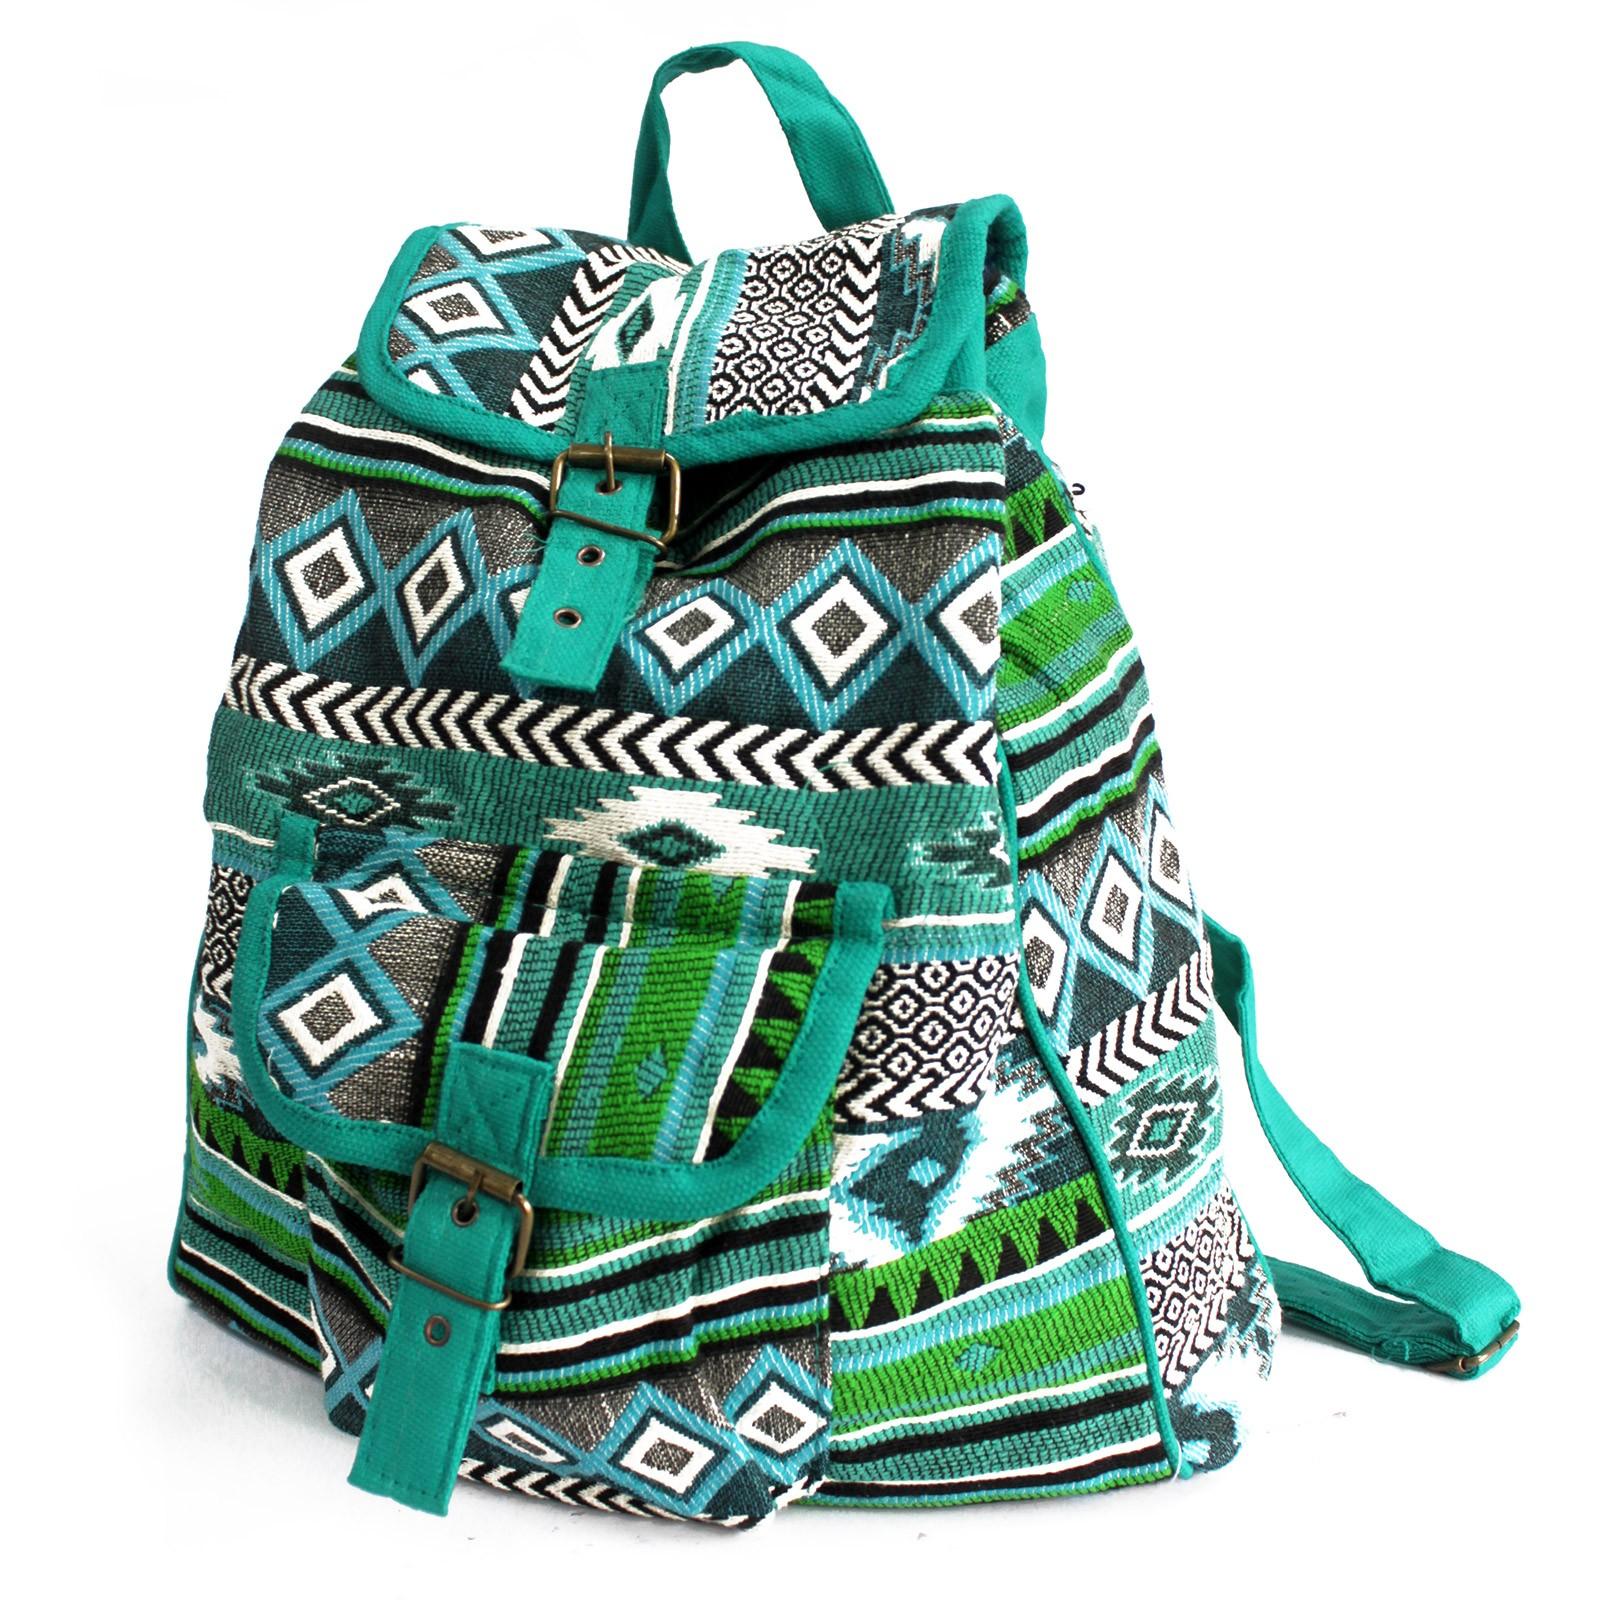 Jacquard Bag Teal Backpack